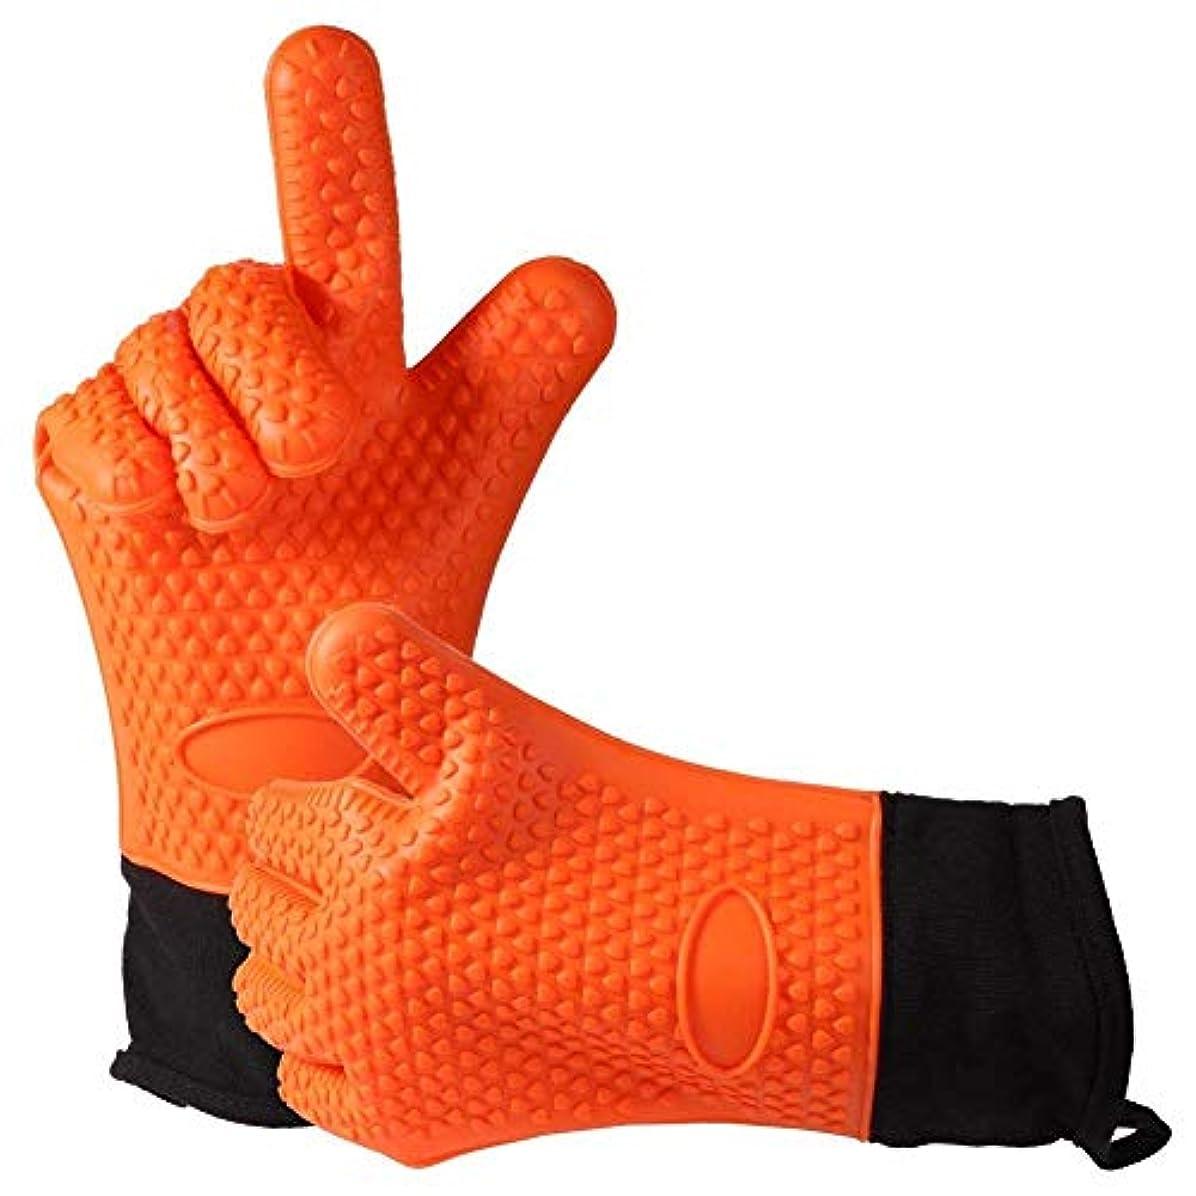 ピラミッド芸術反逆手袋 耐熱グローブ シリコン ンオーブン 一对